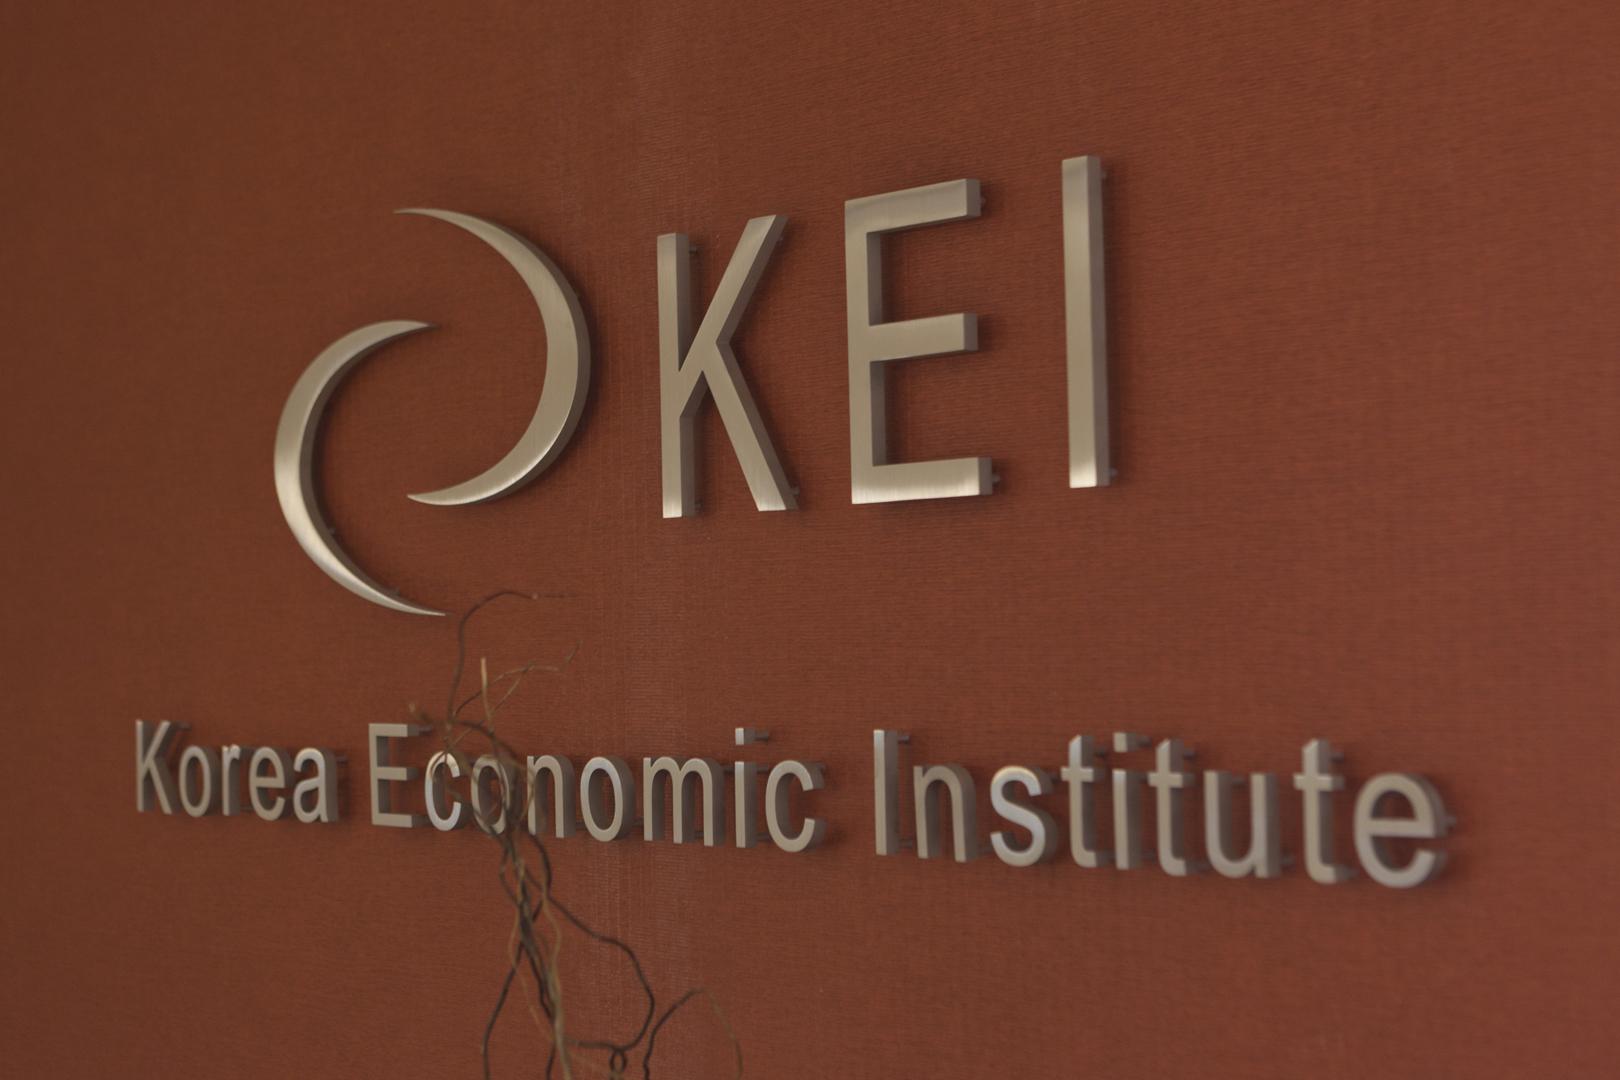 Korea Economic Institute, D.C.